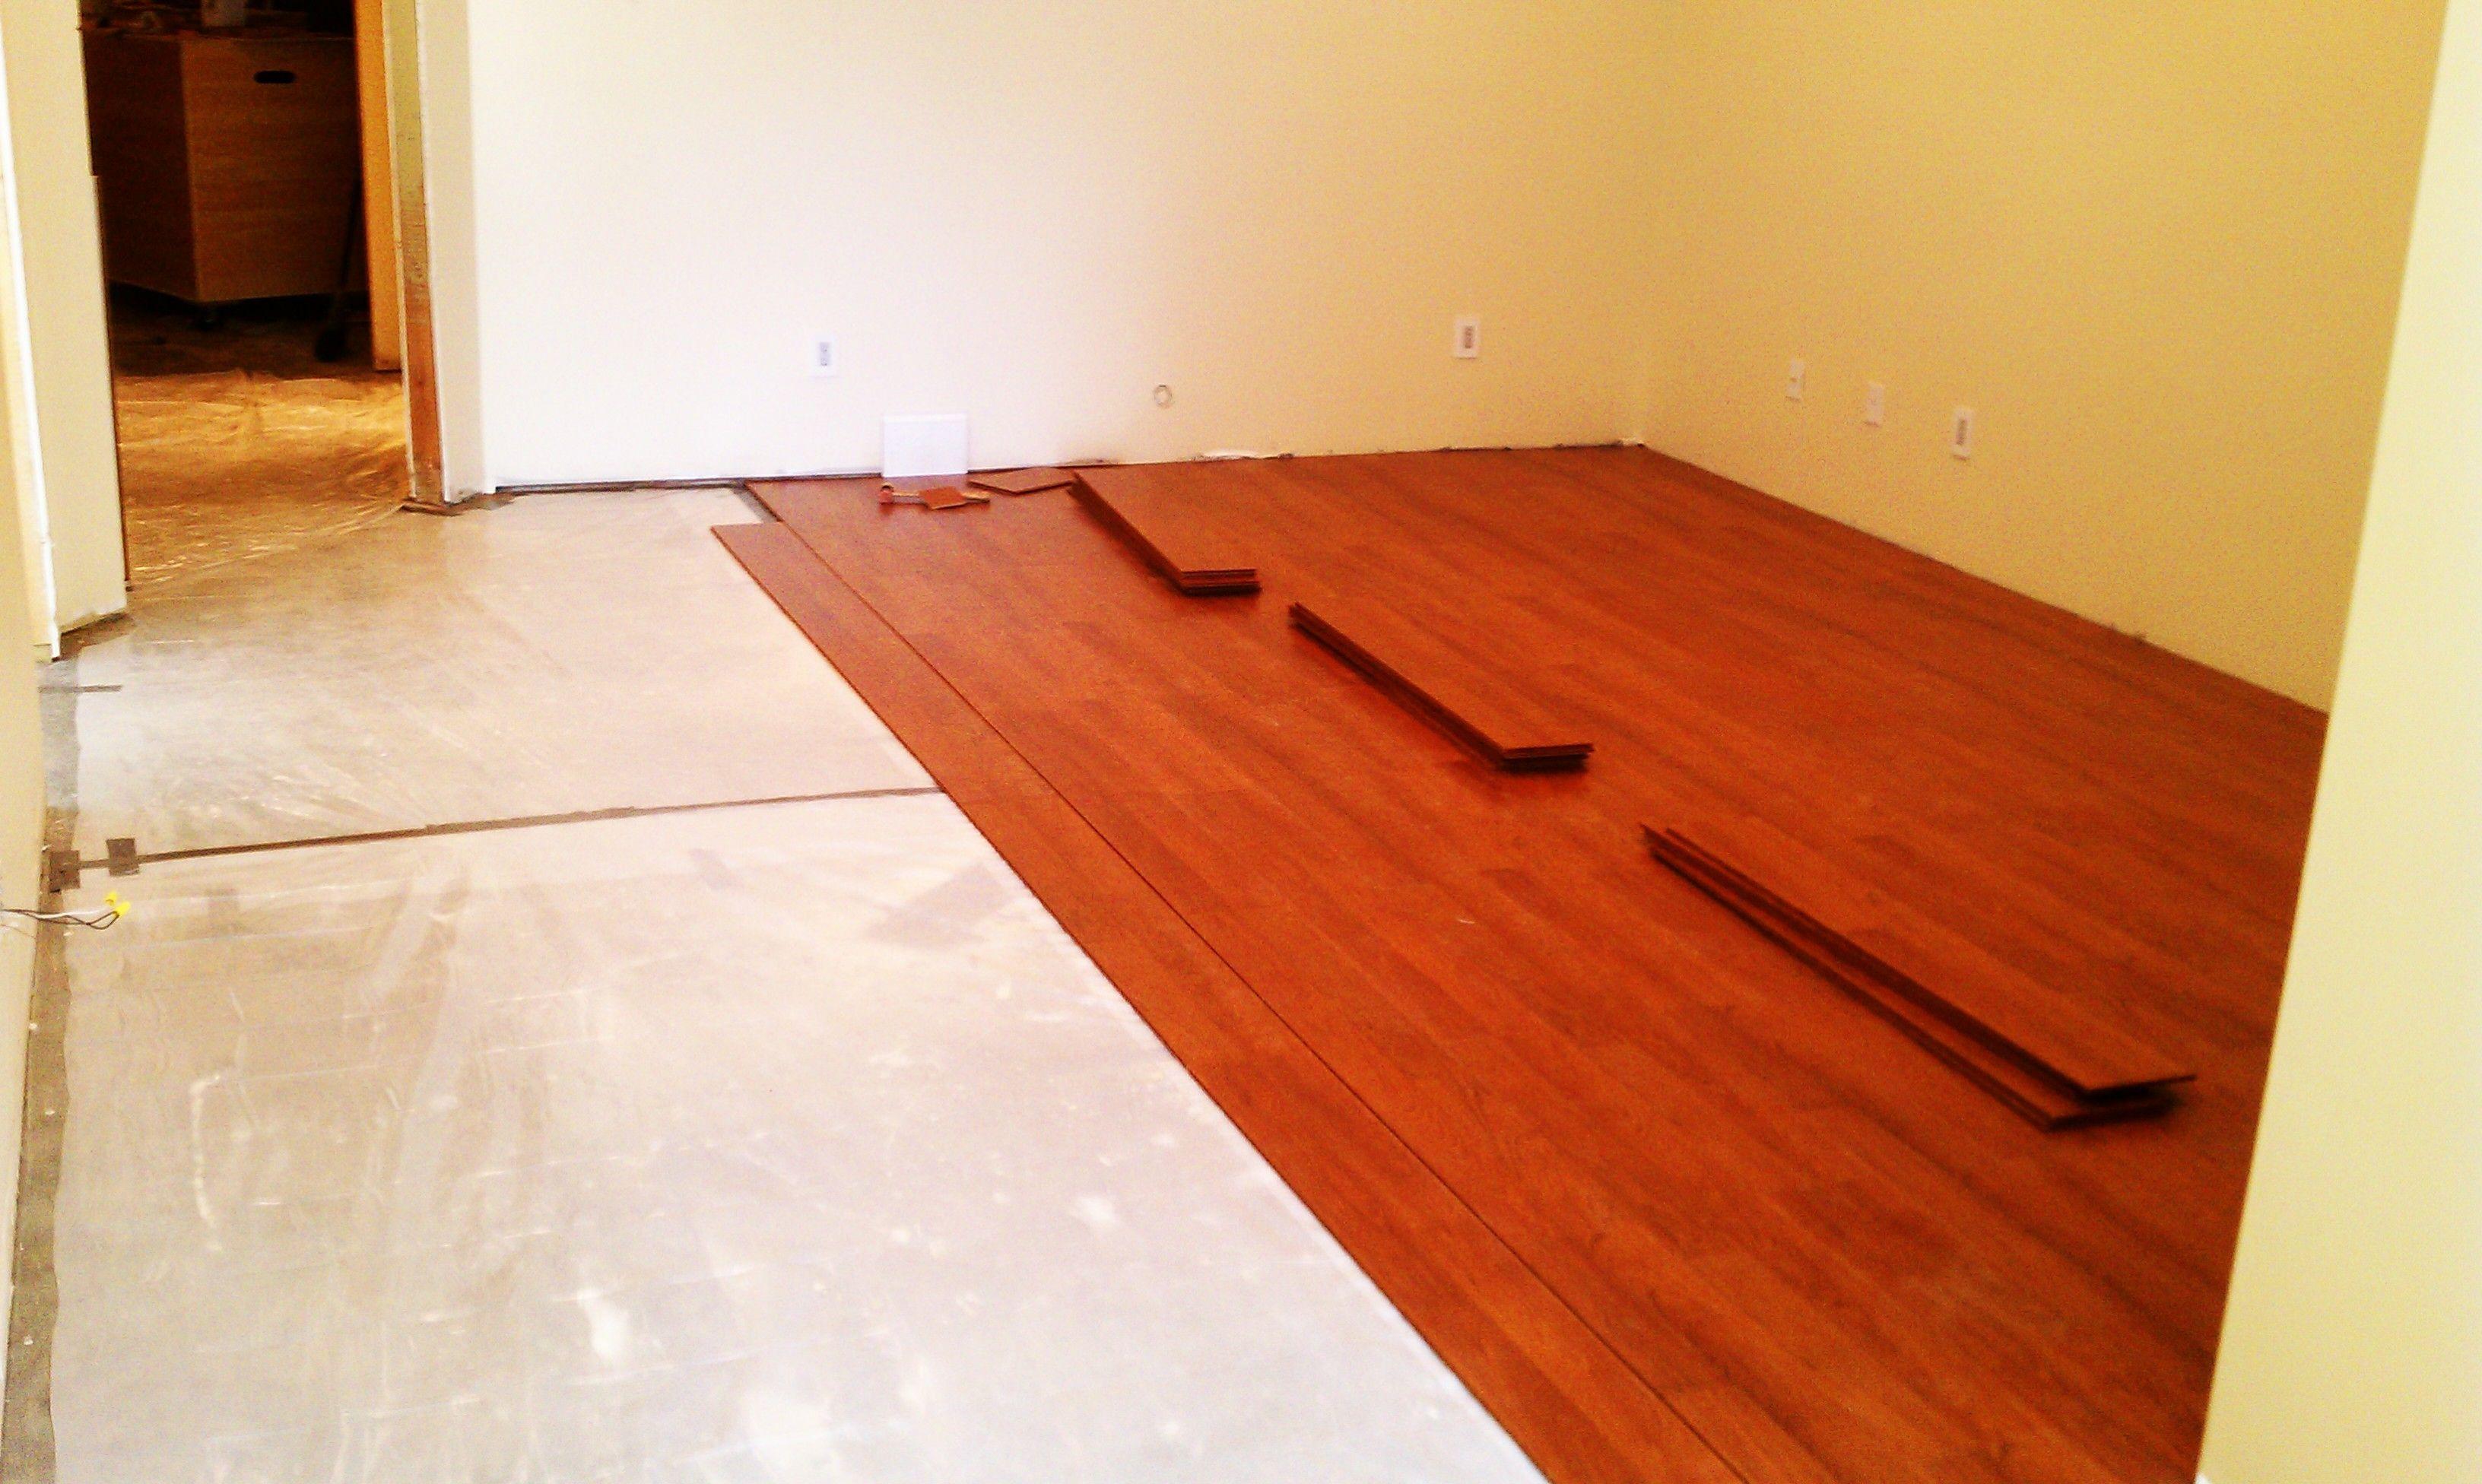 moisture barrier underlayment for hardwood floors of best laminate wood floor for basement http cr3ativstyles com intended for best laminate wood floor for basement